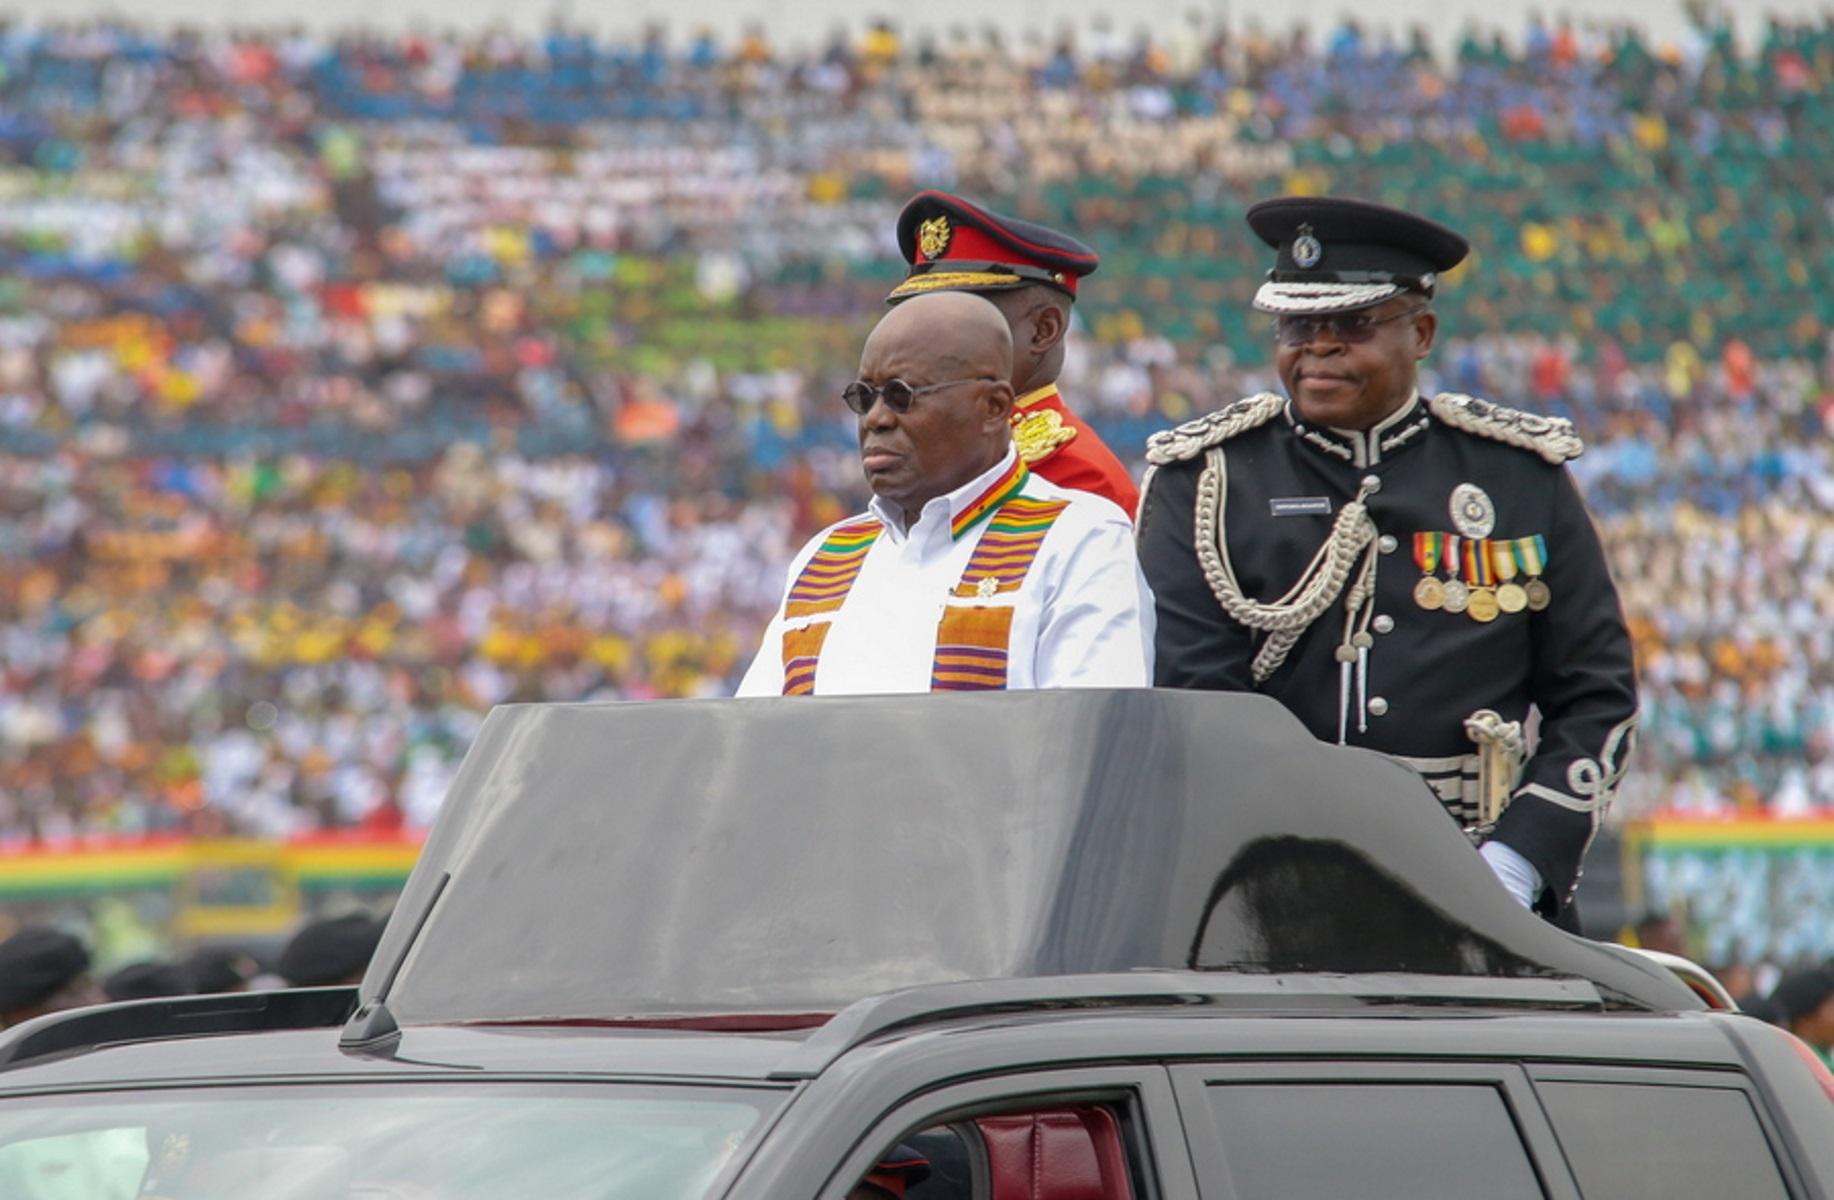 Σε καραντίνα ο πρόεδρος της Γκάνας μετά από επαφή με κρούσμα κορονοϊού